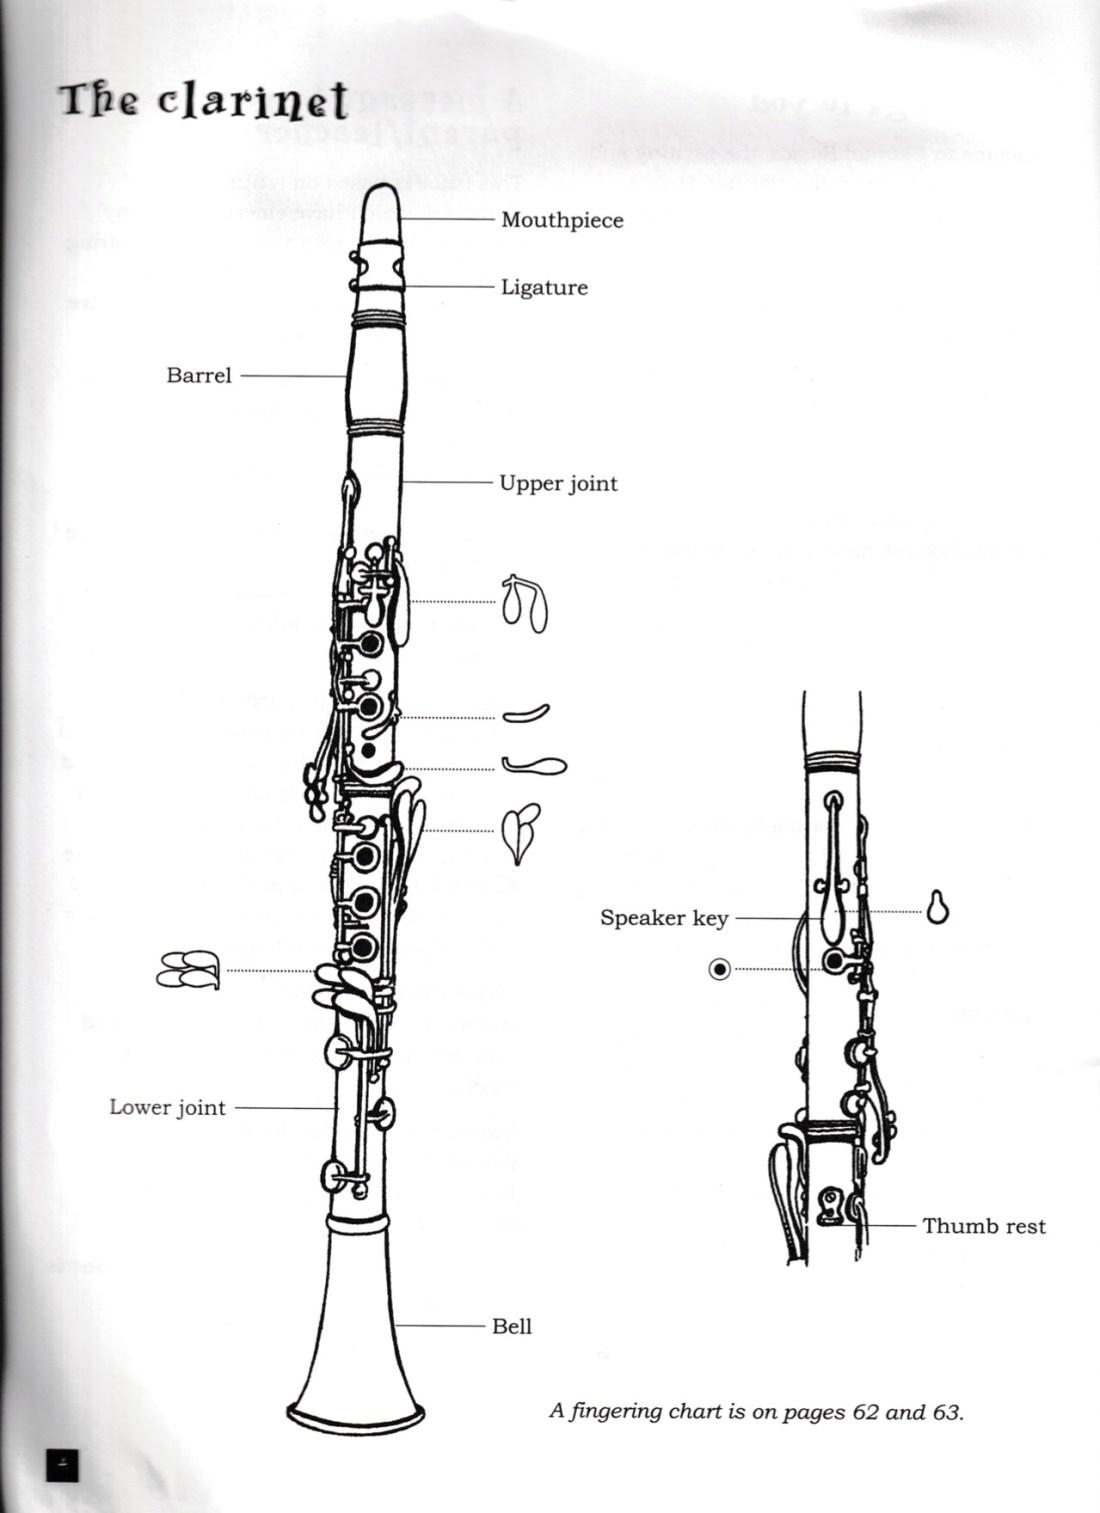 medium resolution of diagram of the clarinet